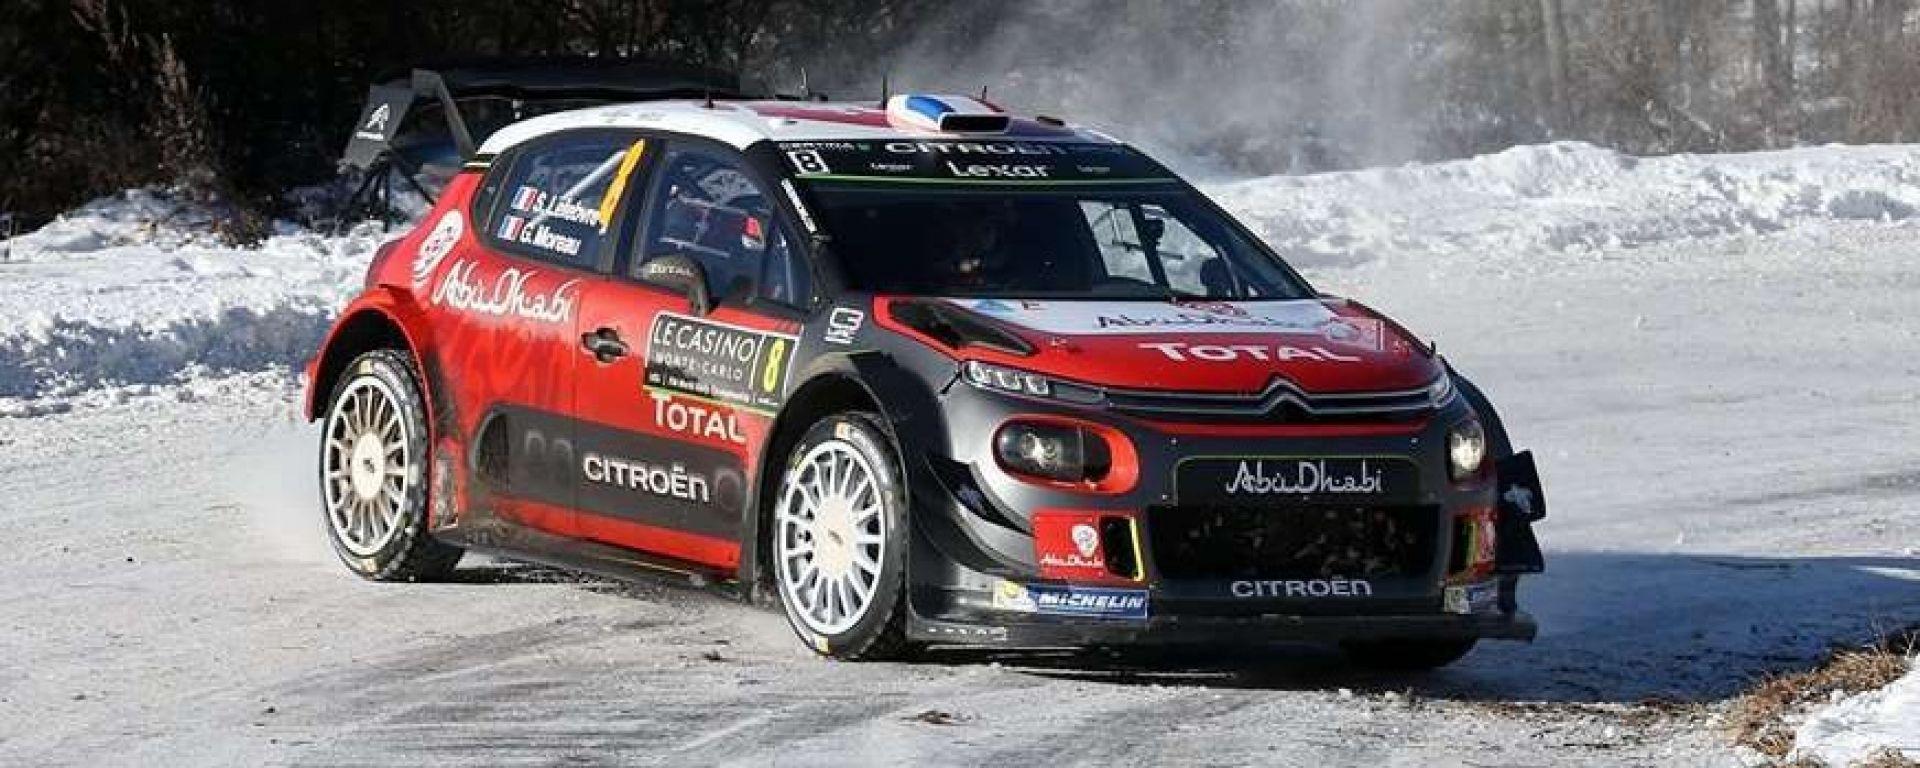 WRC 2018: il programma del Rally di Svezia